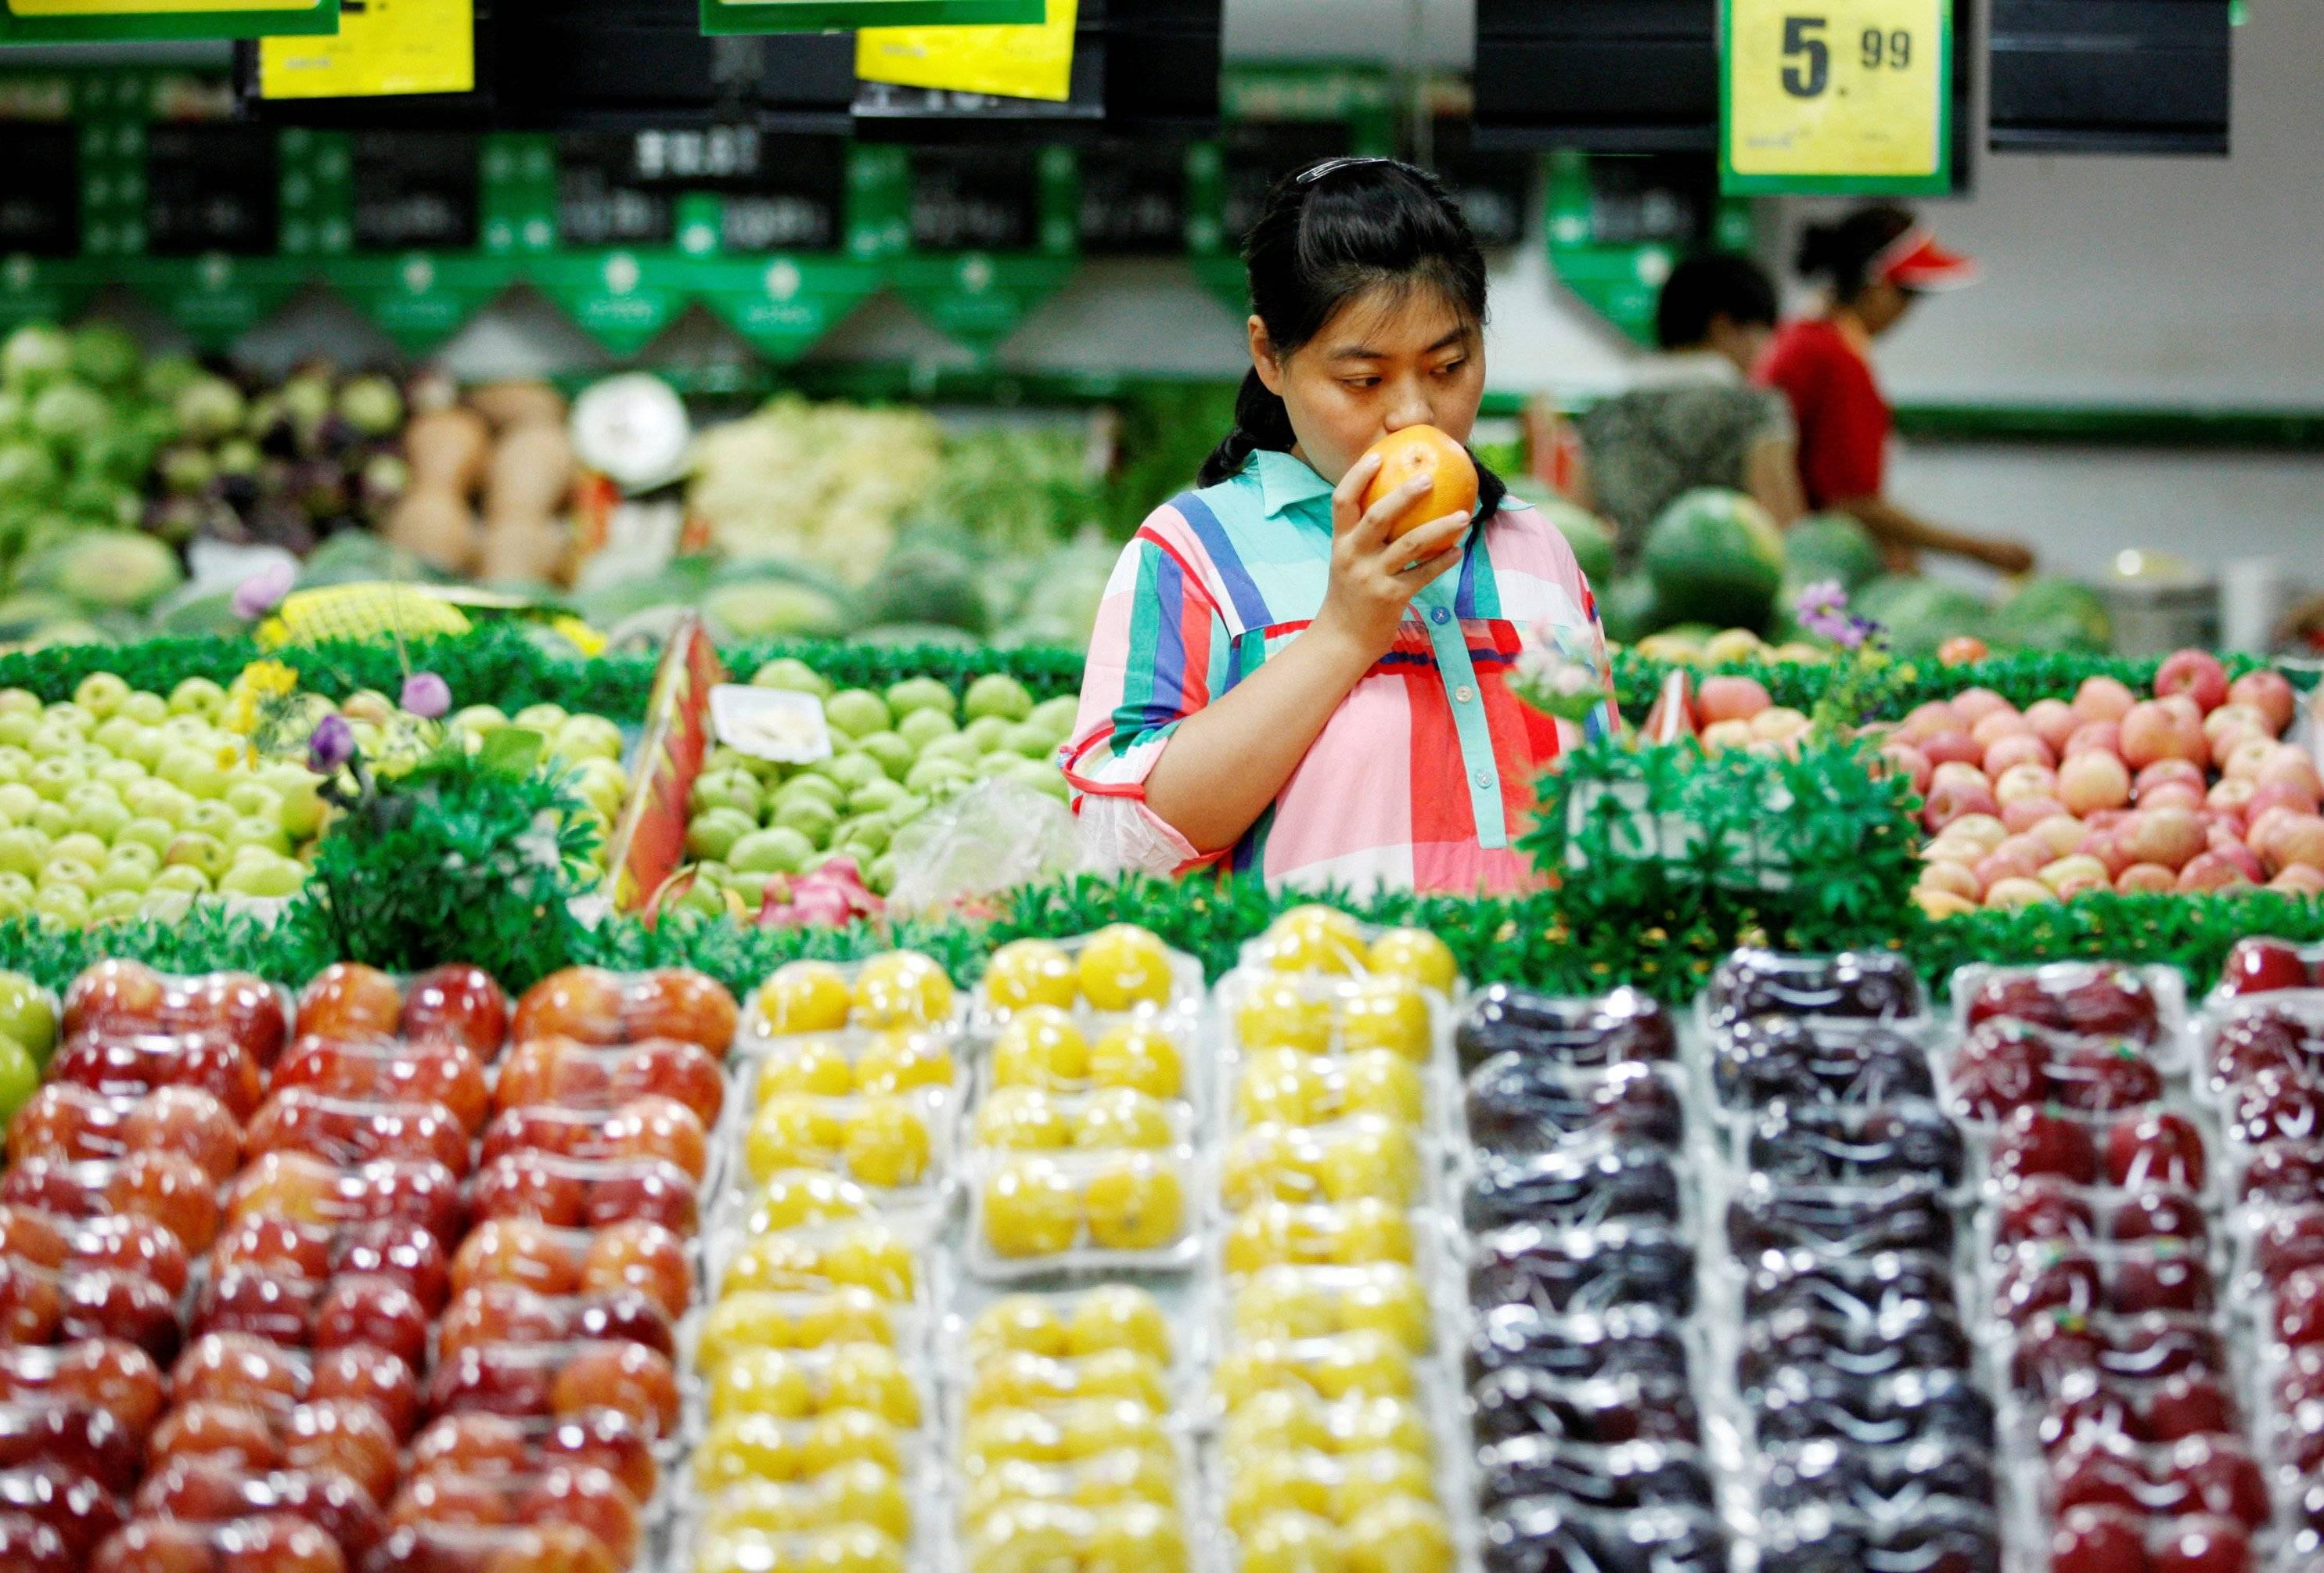 Цены в супермаркетах острова хайнань, китай